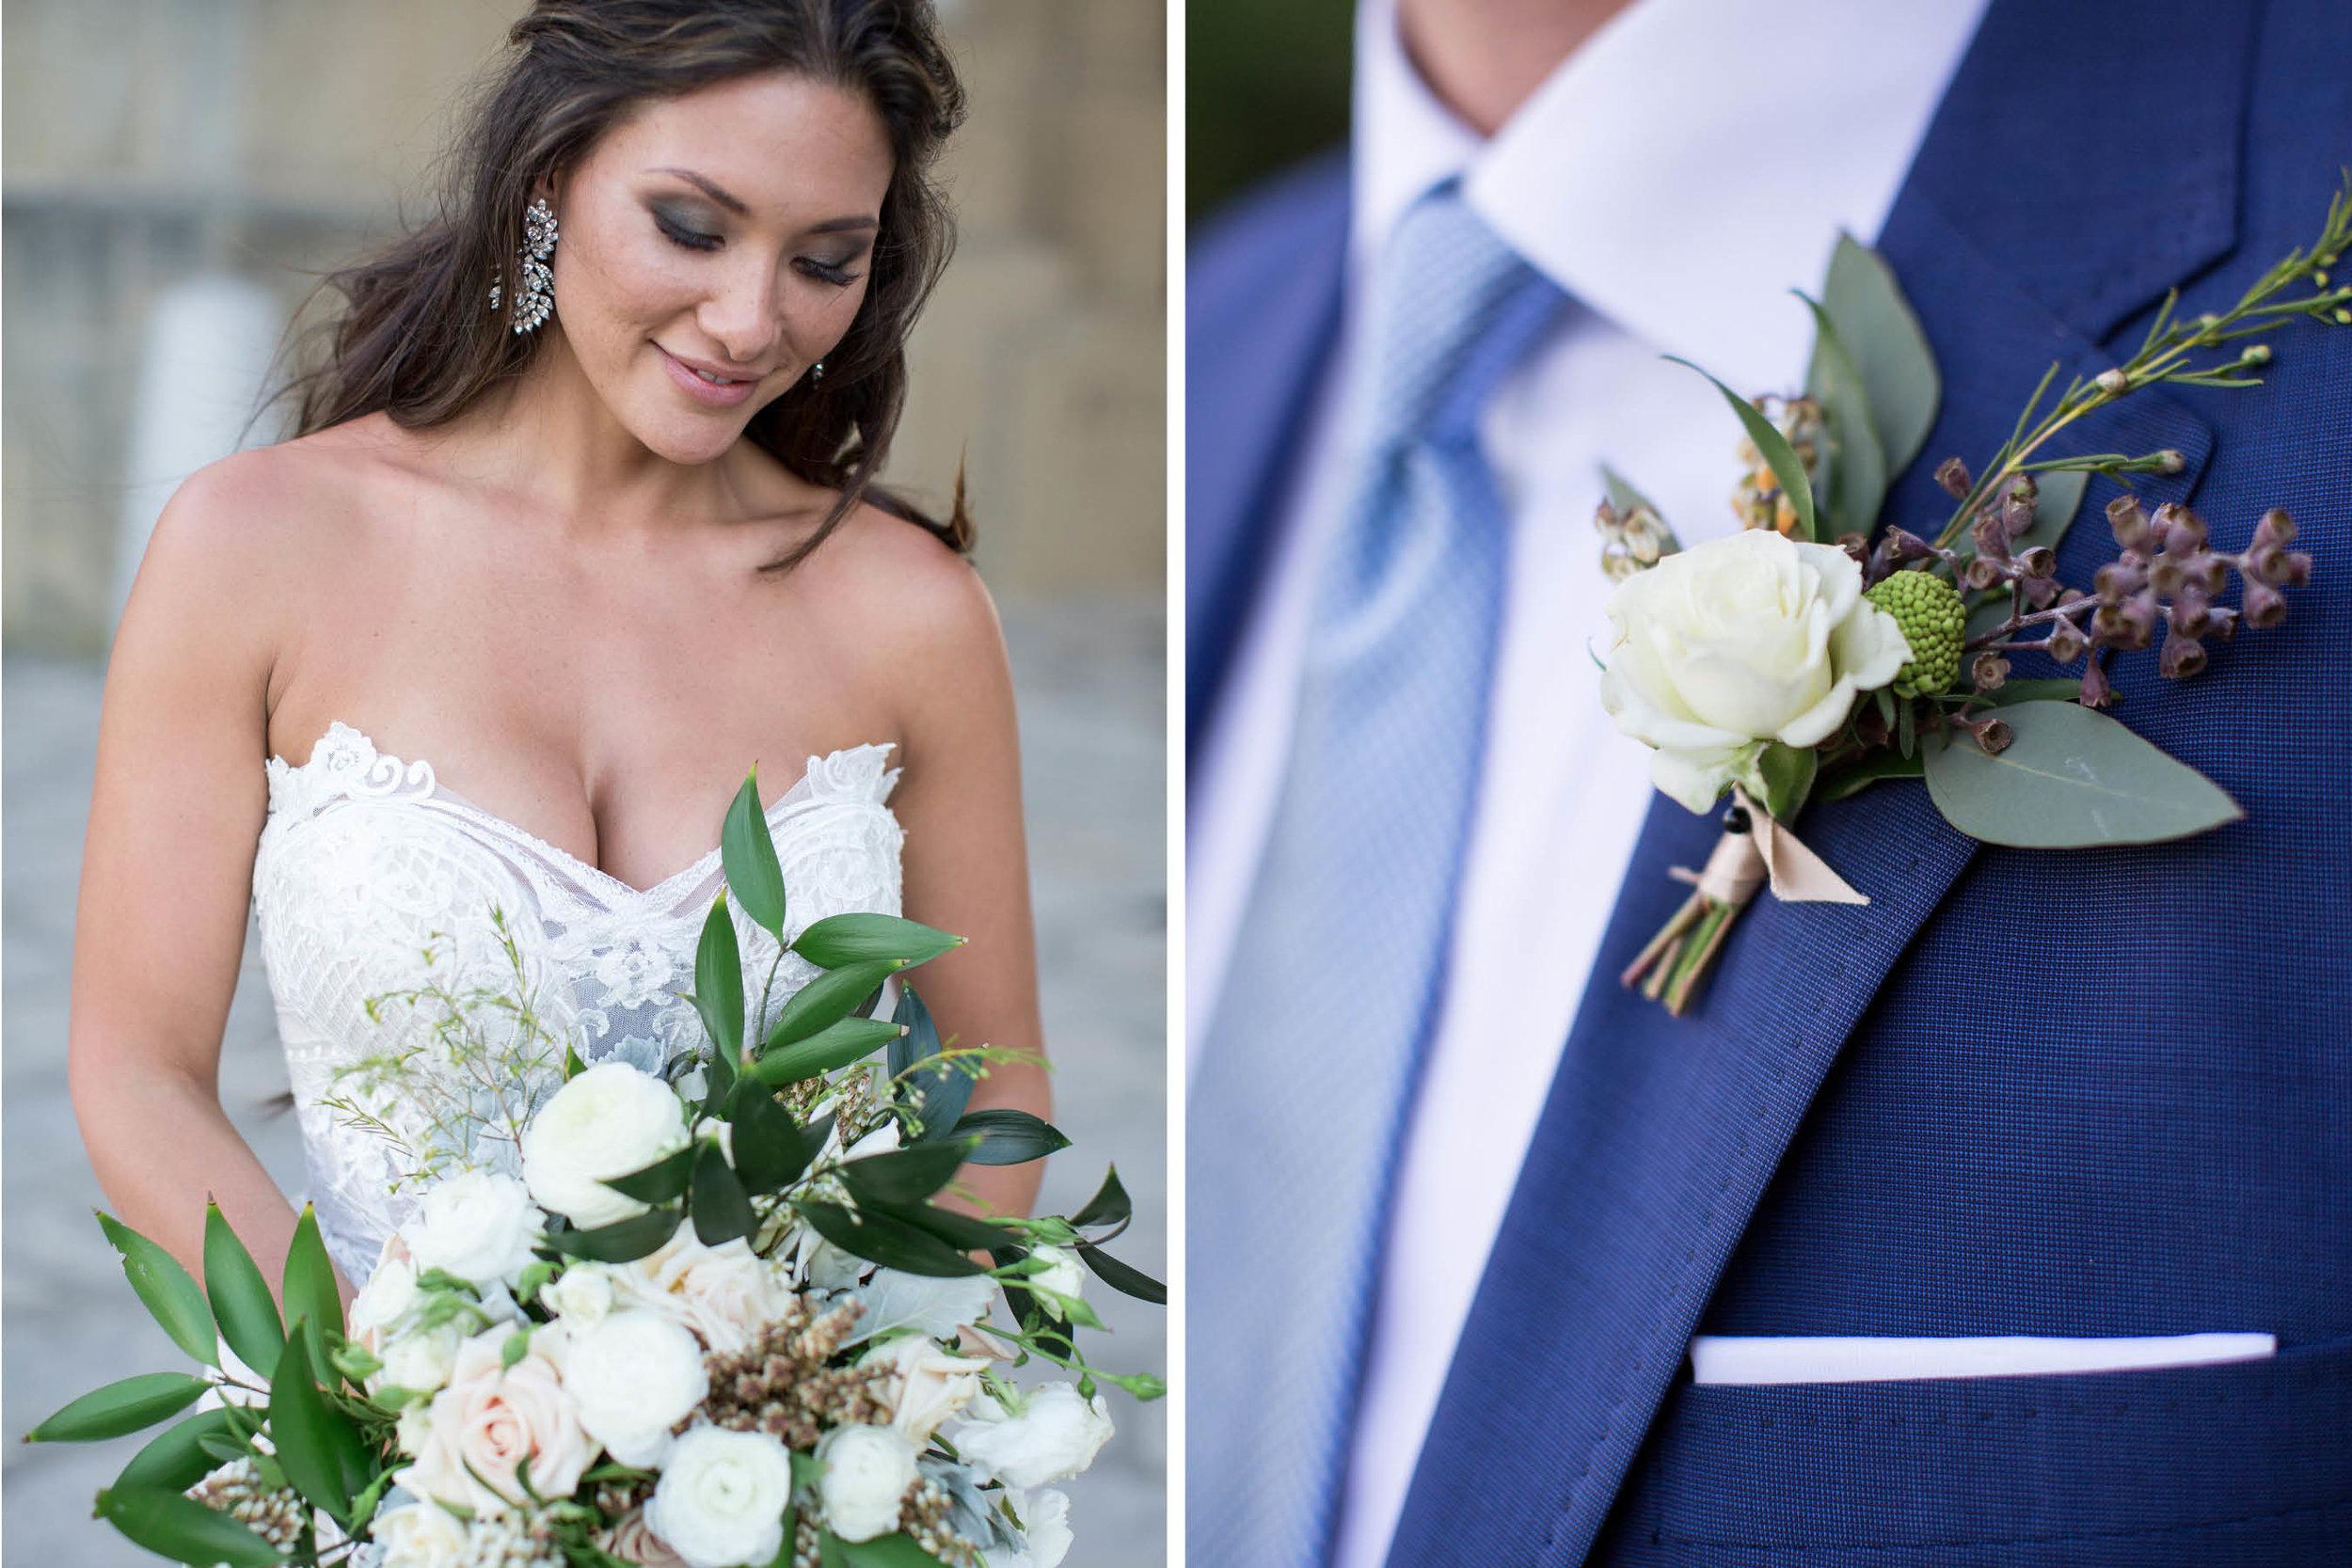 alegria-by-design-wedding-planner-planning-design-event-coordinator-day-of-courthouse-garden-hotel-californian-villa-vine-courtyard (9).jpg